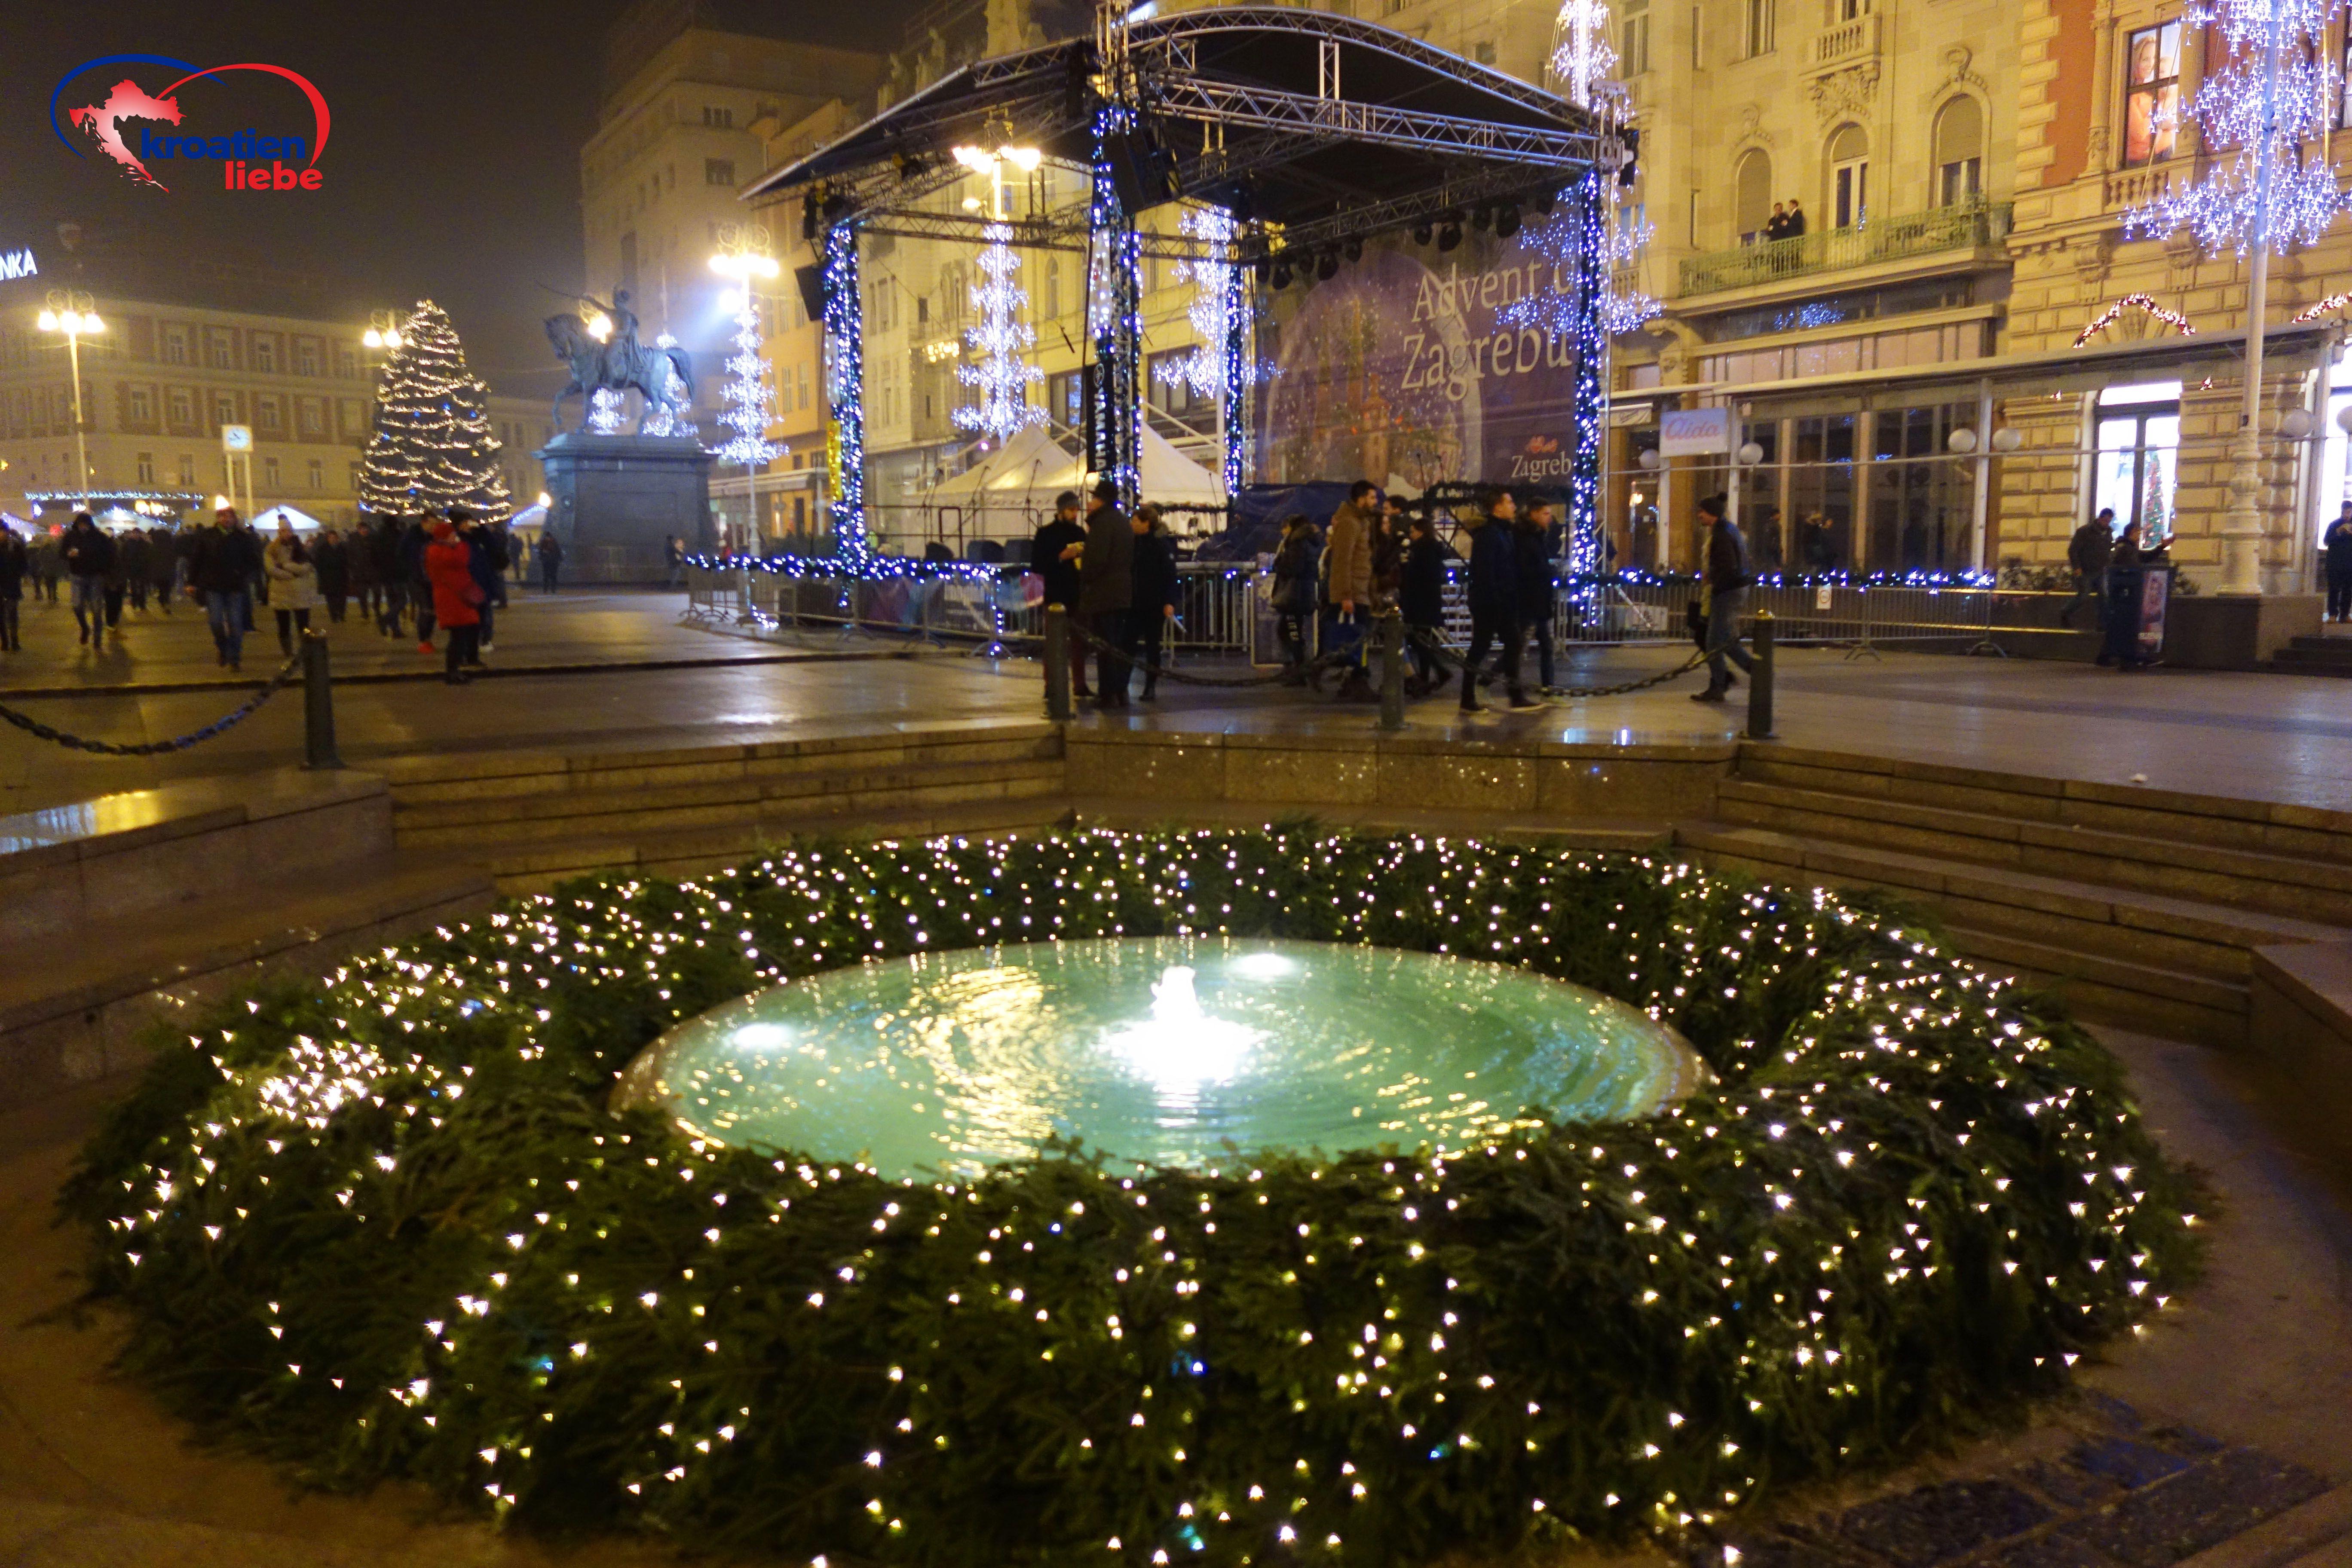 Advent Auf Dem Ban Jelacic Platz In Zagreb Kroatien Urlaub Urlaub Buchen Urlaub